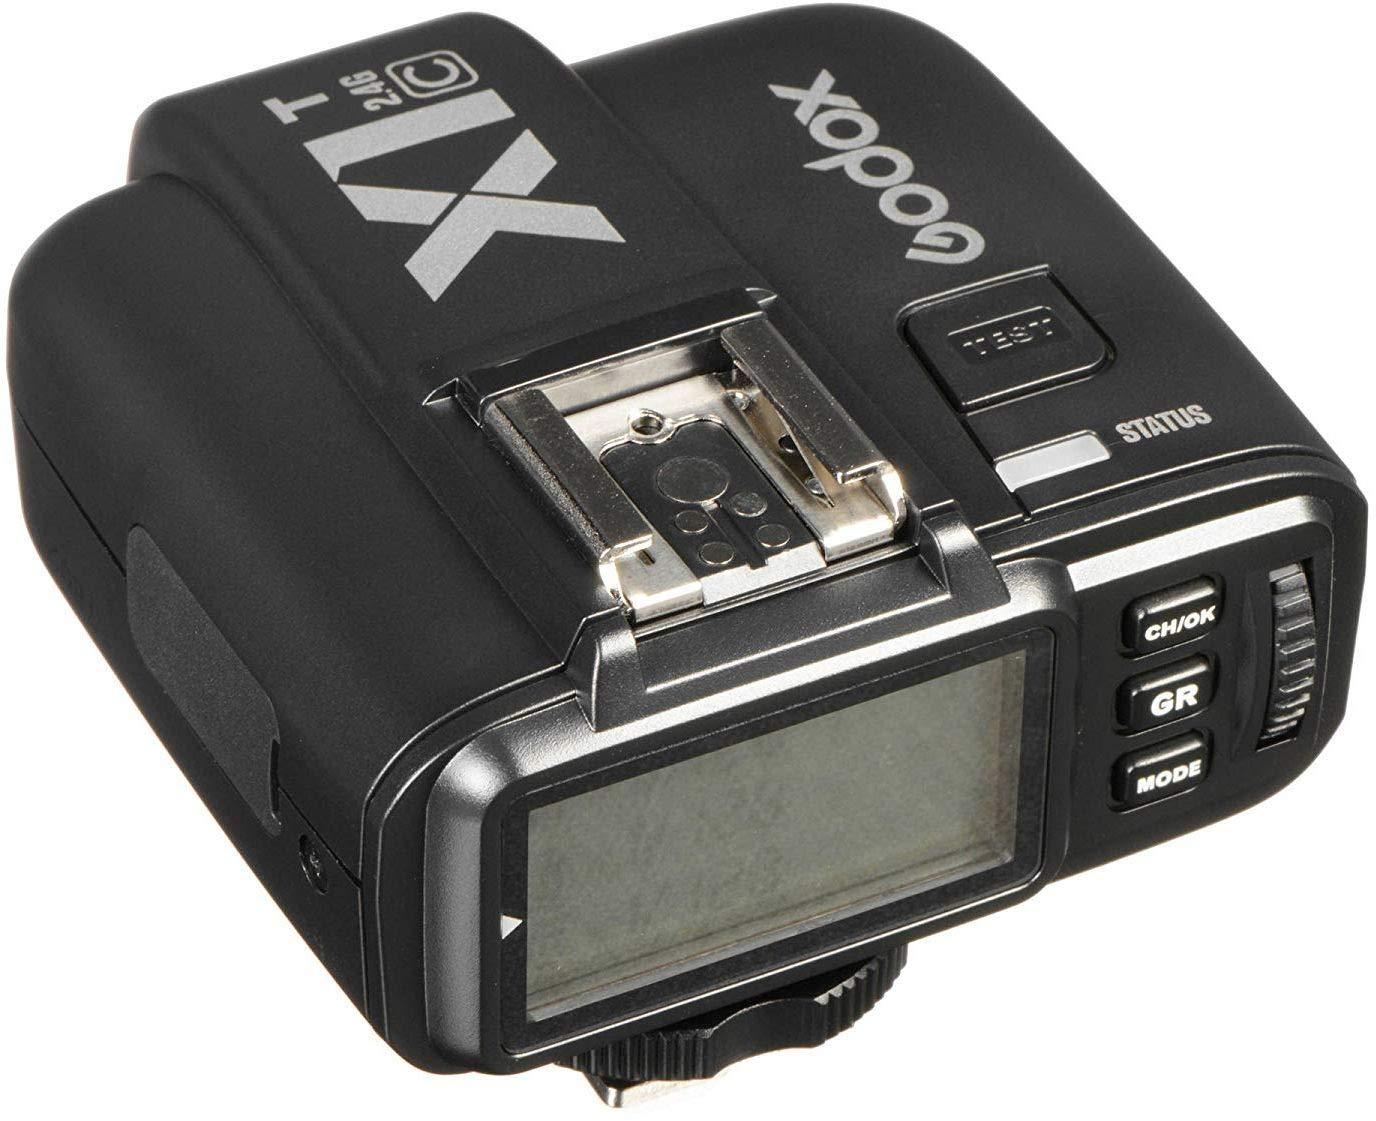 Godox X1T/ /C trasmettitore senza fili da 2,4/GHz Hot Shoe Flash Trigger con 1//8000s HSS 32/Canali TTL per Canon DSLR 440d//500d Set//Set 700d//600d//60d//6d//70d//7d//760d//1d//5d//5d II//5d II//5d III Set nero